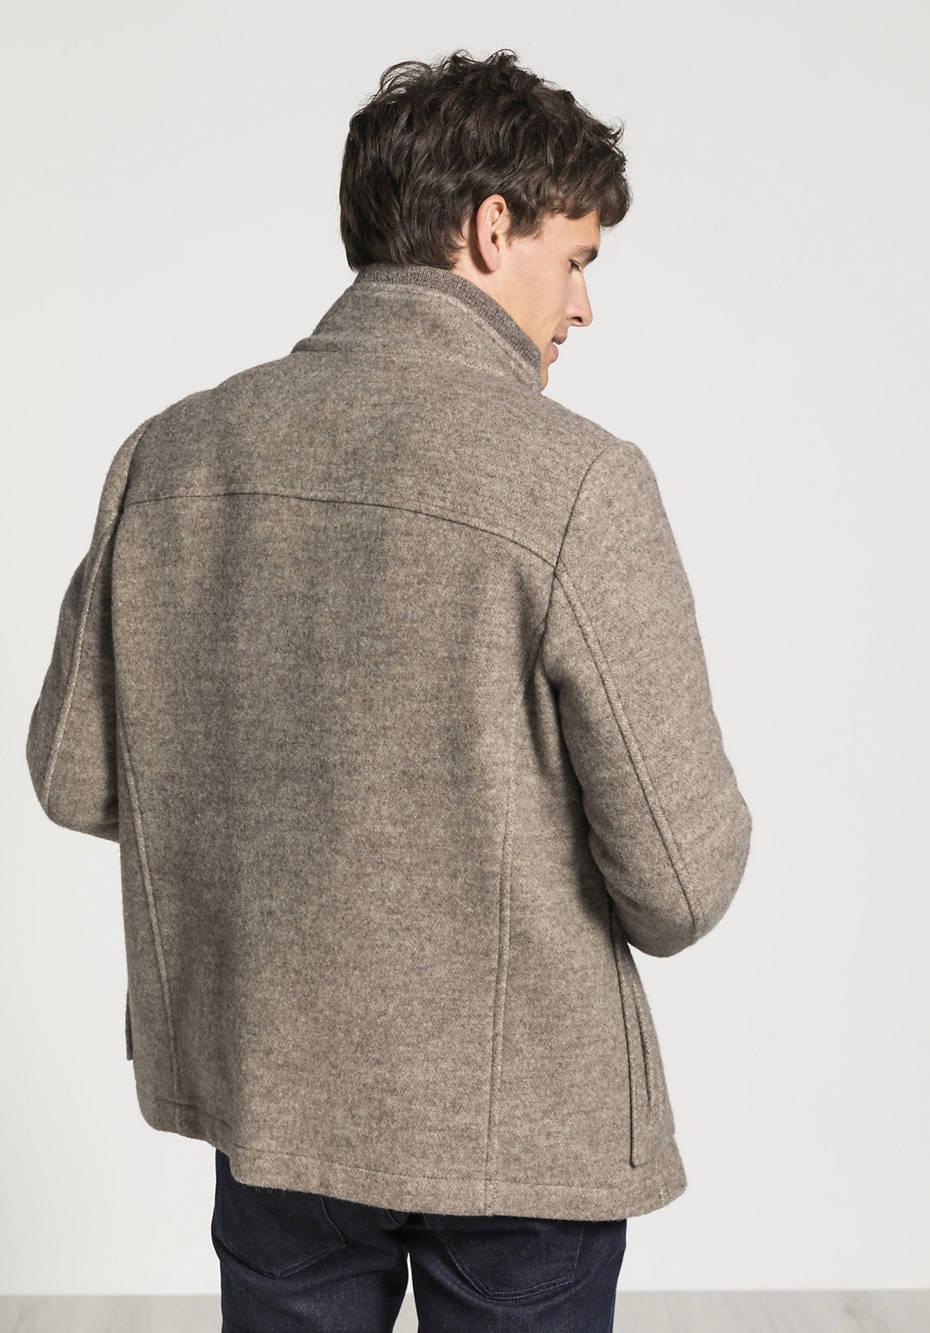 Herren Jacke aus Rhönwolle